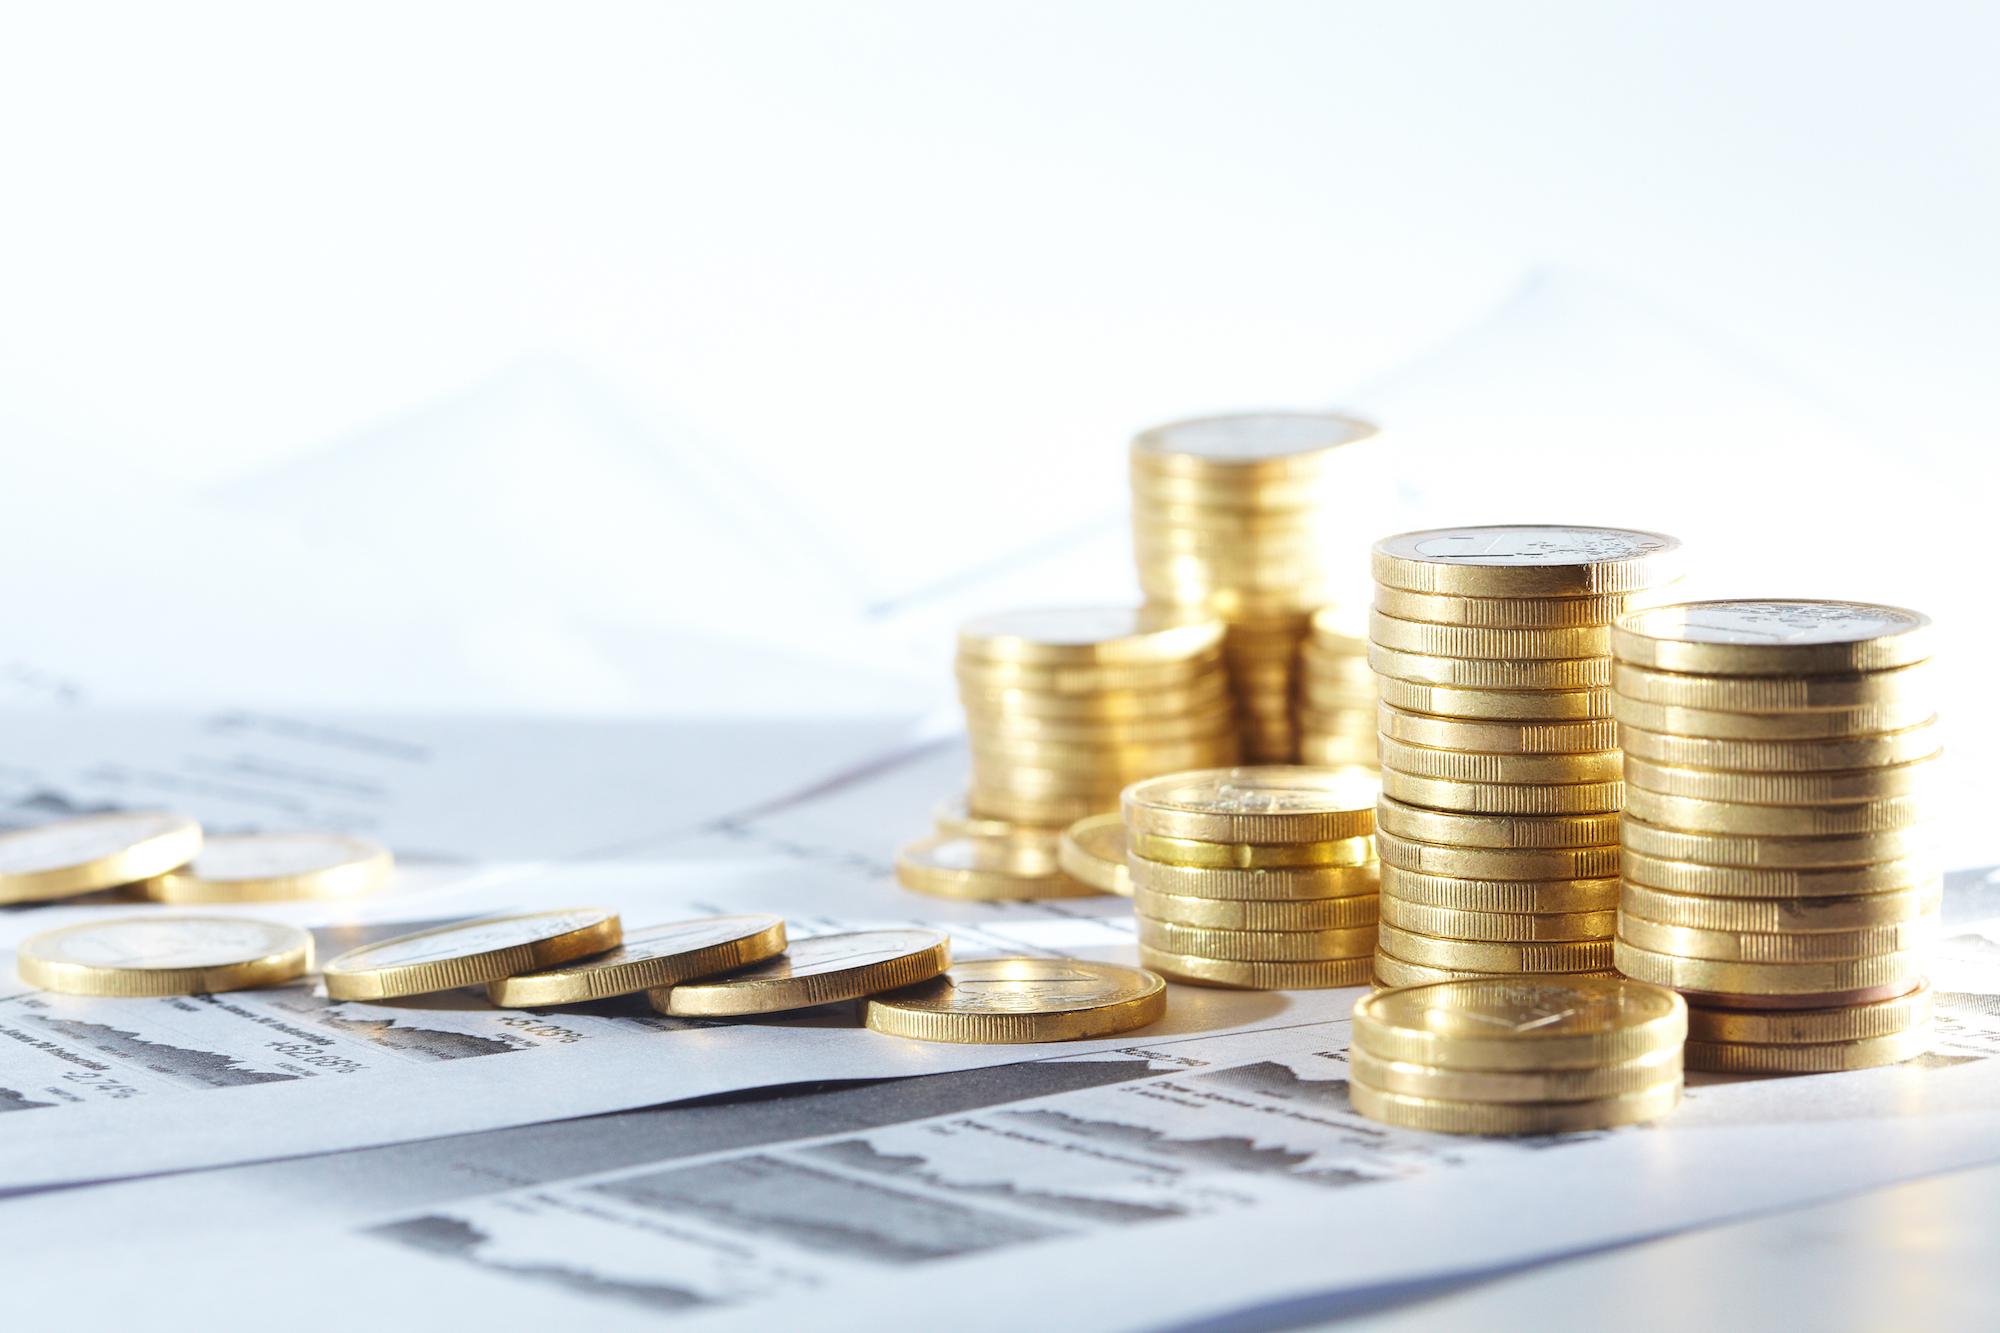 geld financieel